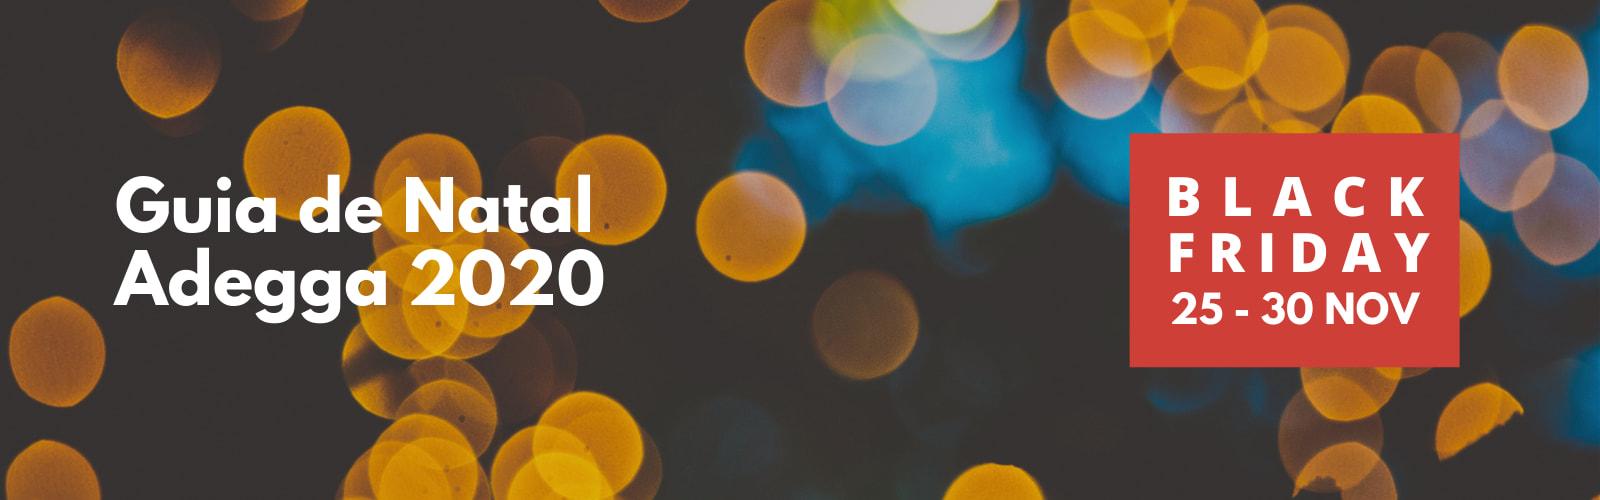 Guia de Natal Adegga 2020